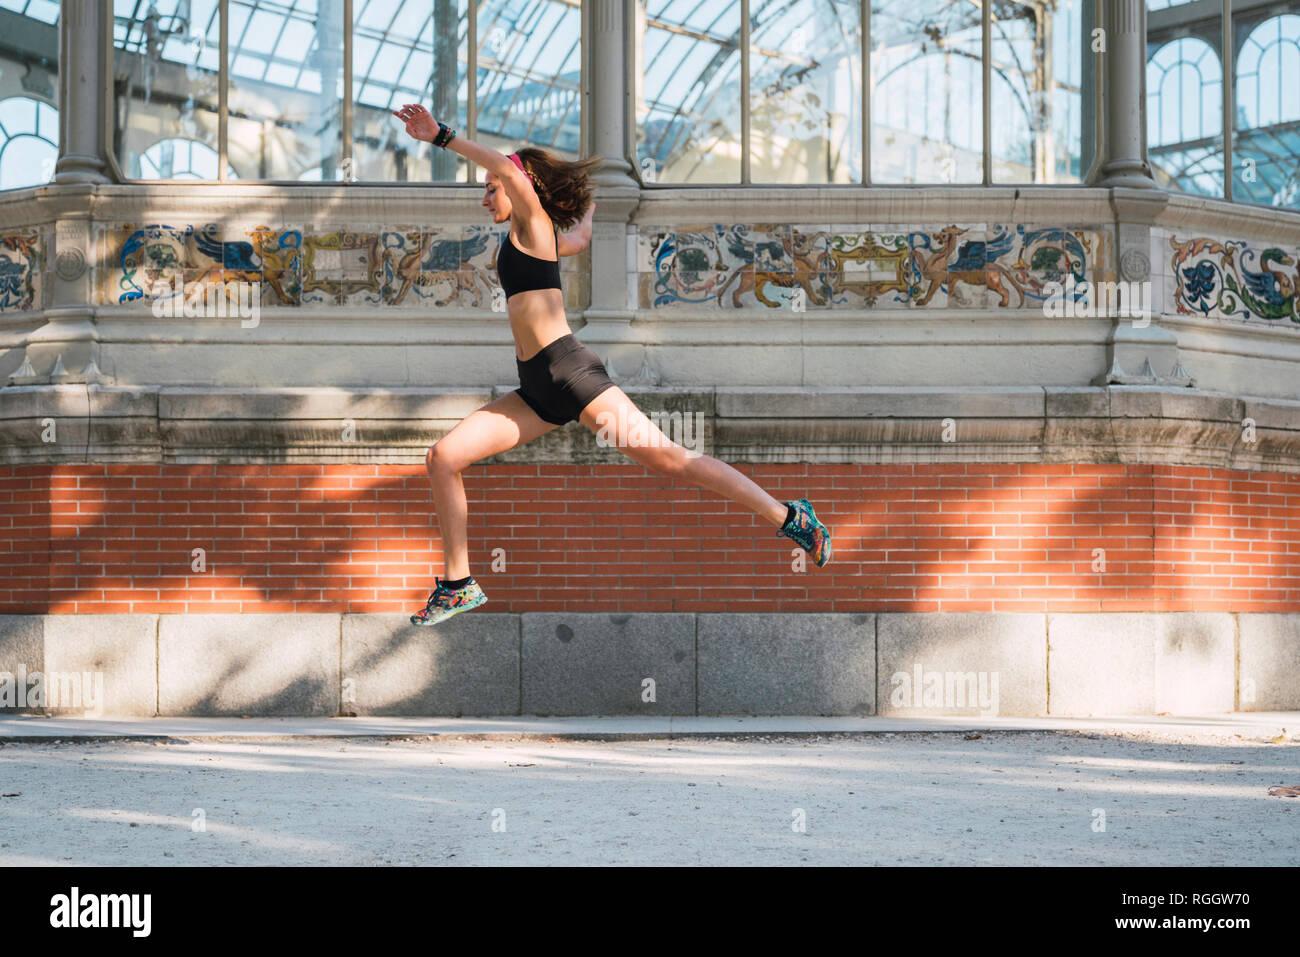 Passen junge Frau läuft ein Springen in Park Stockfoto